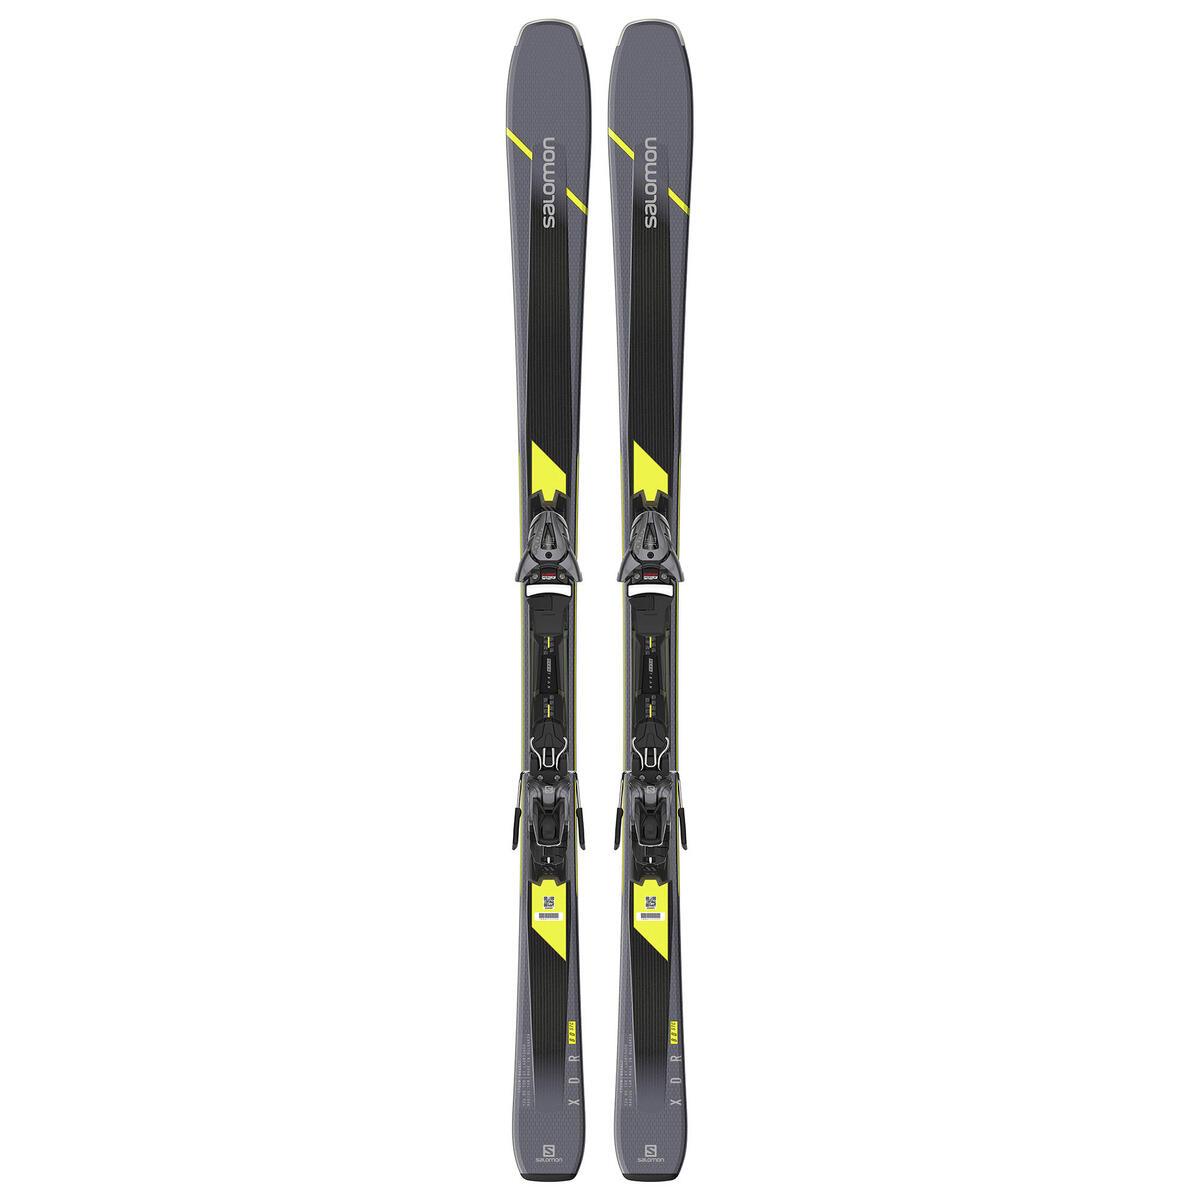 Salomon Men's XDR 80 ST C Skis with Z10 GW L80 Bindings '20